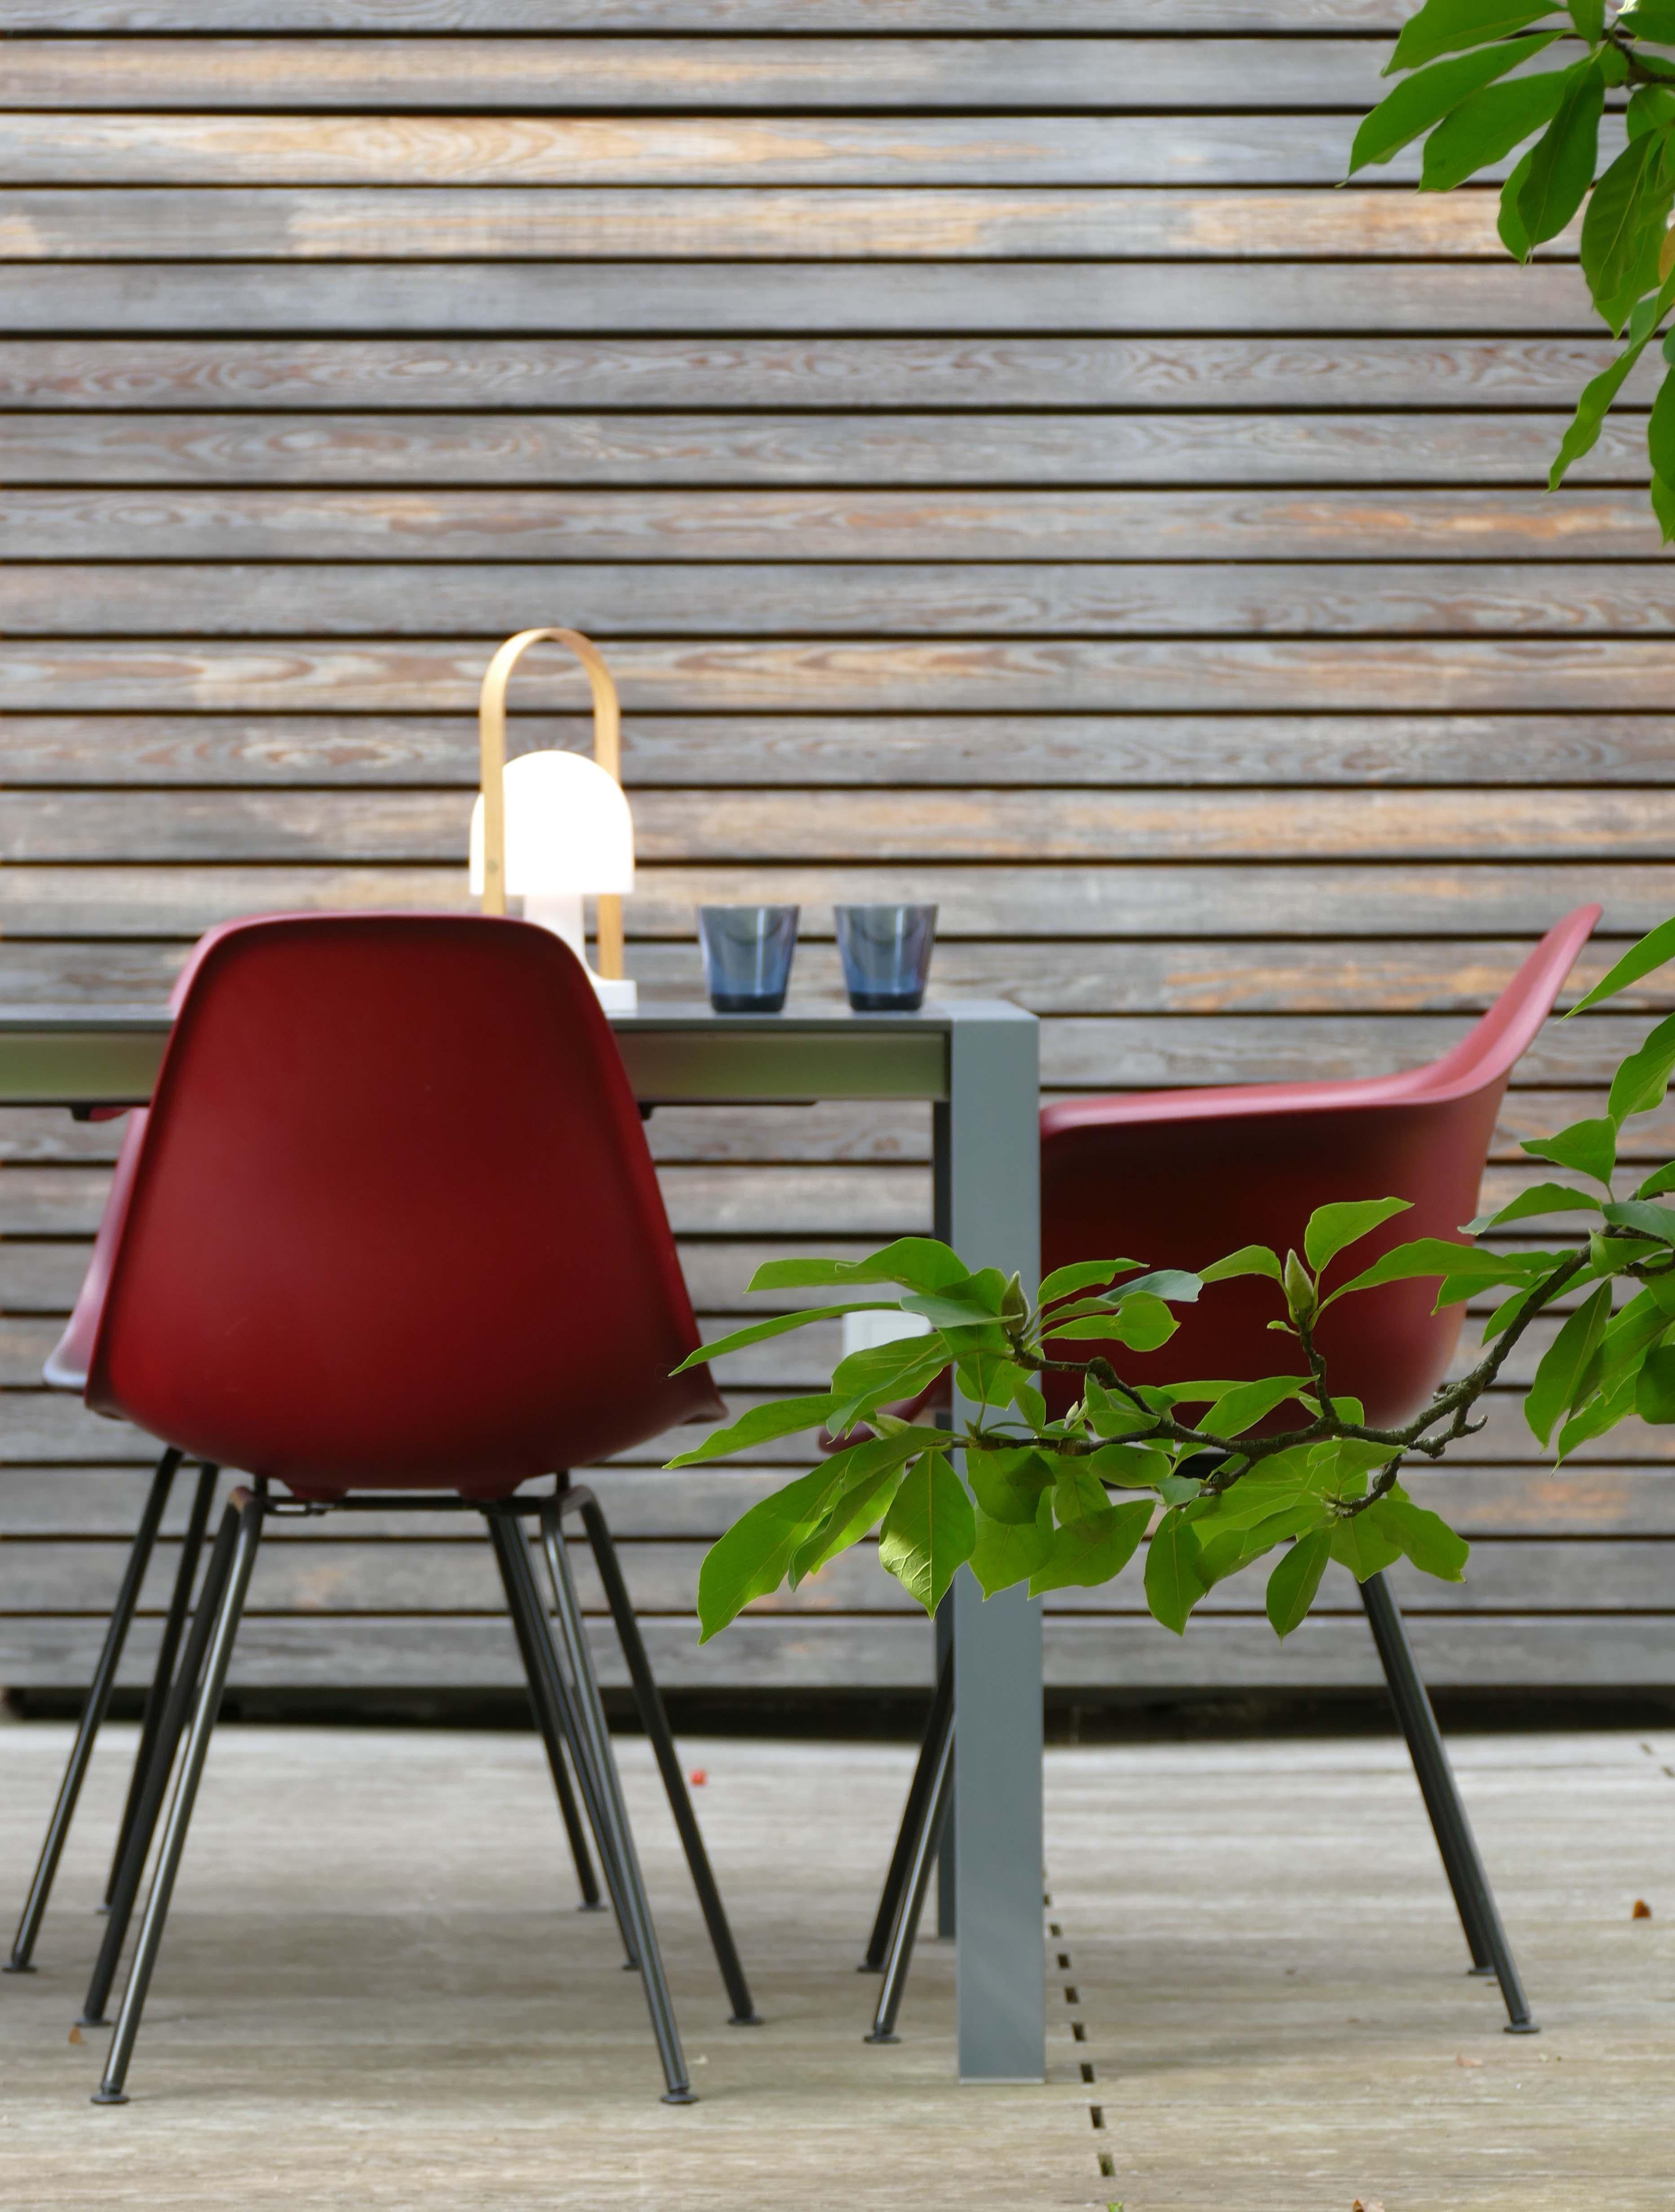 attractive einfache dekoration und mobel gartenmoebel fuer die neue saison 3 #6: Bye Bye Gartensaison #garten#terrasse#gartenmöbel#eames#vitra